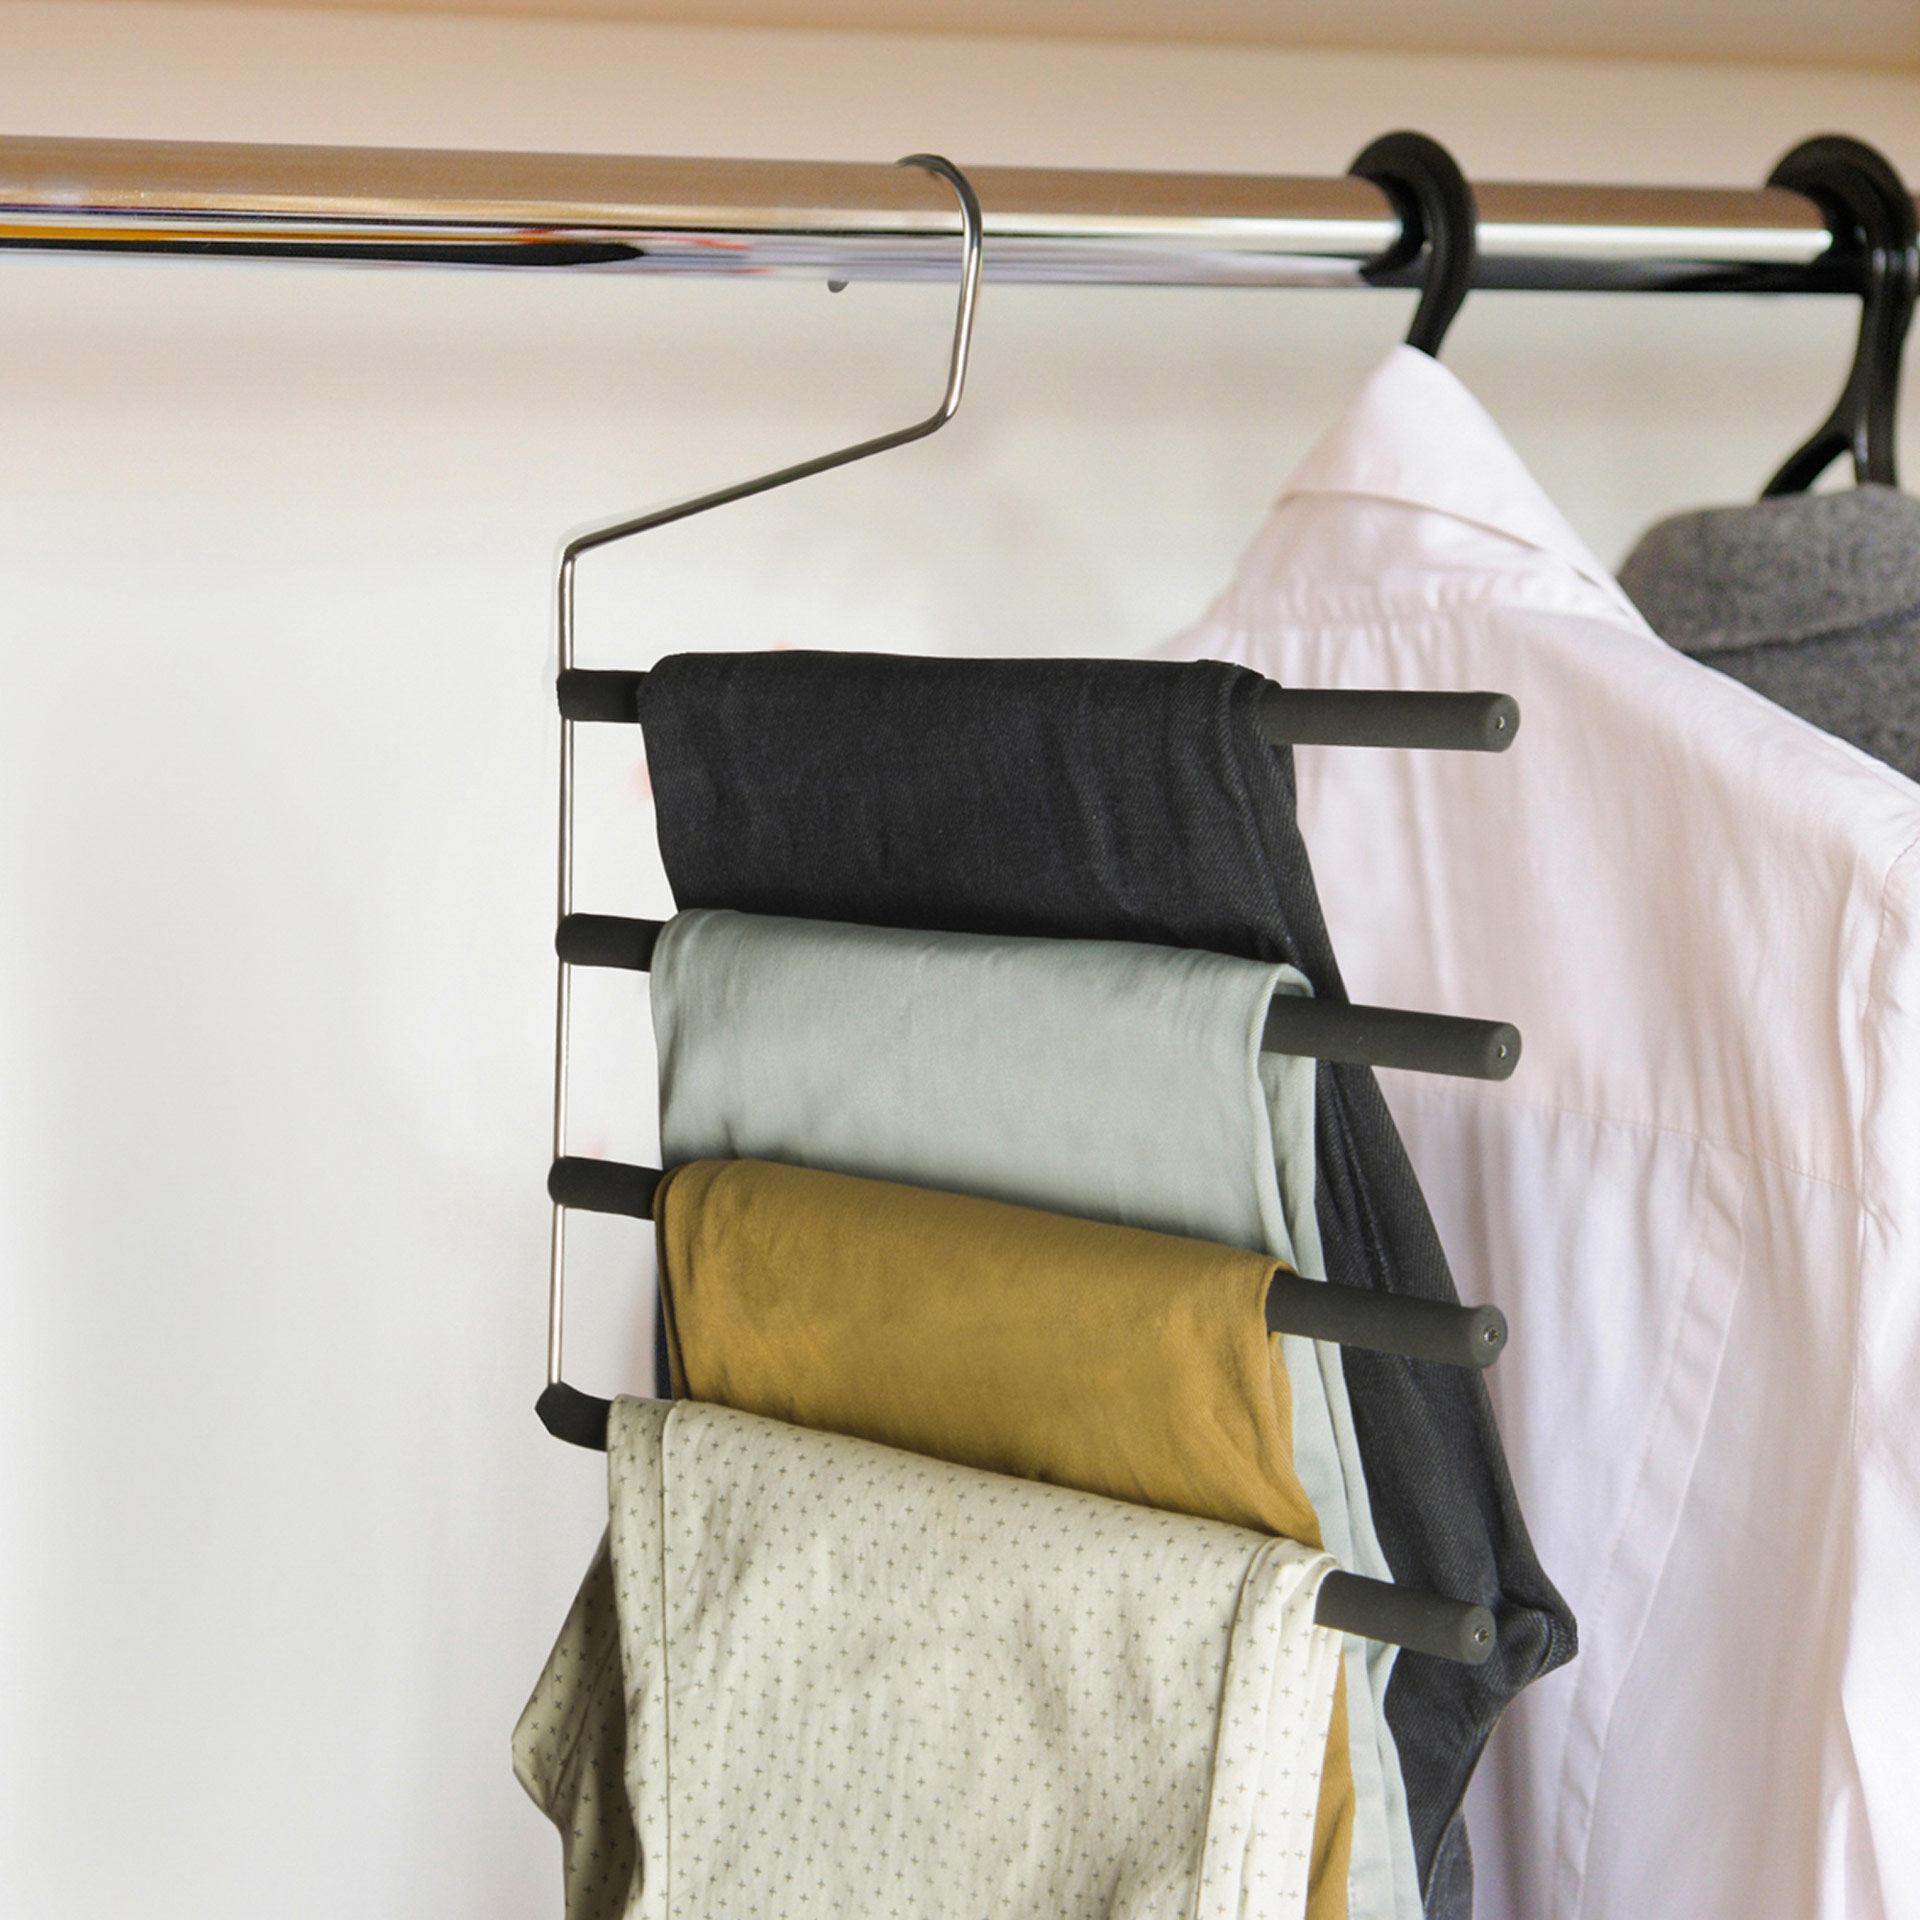 Cintre pour pantalons - 4 barres, , large